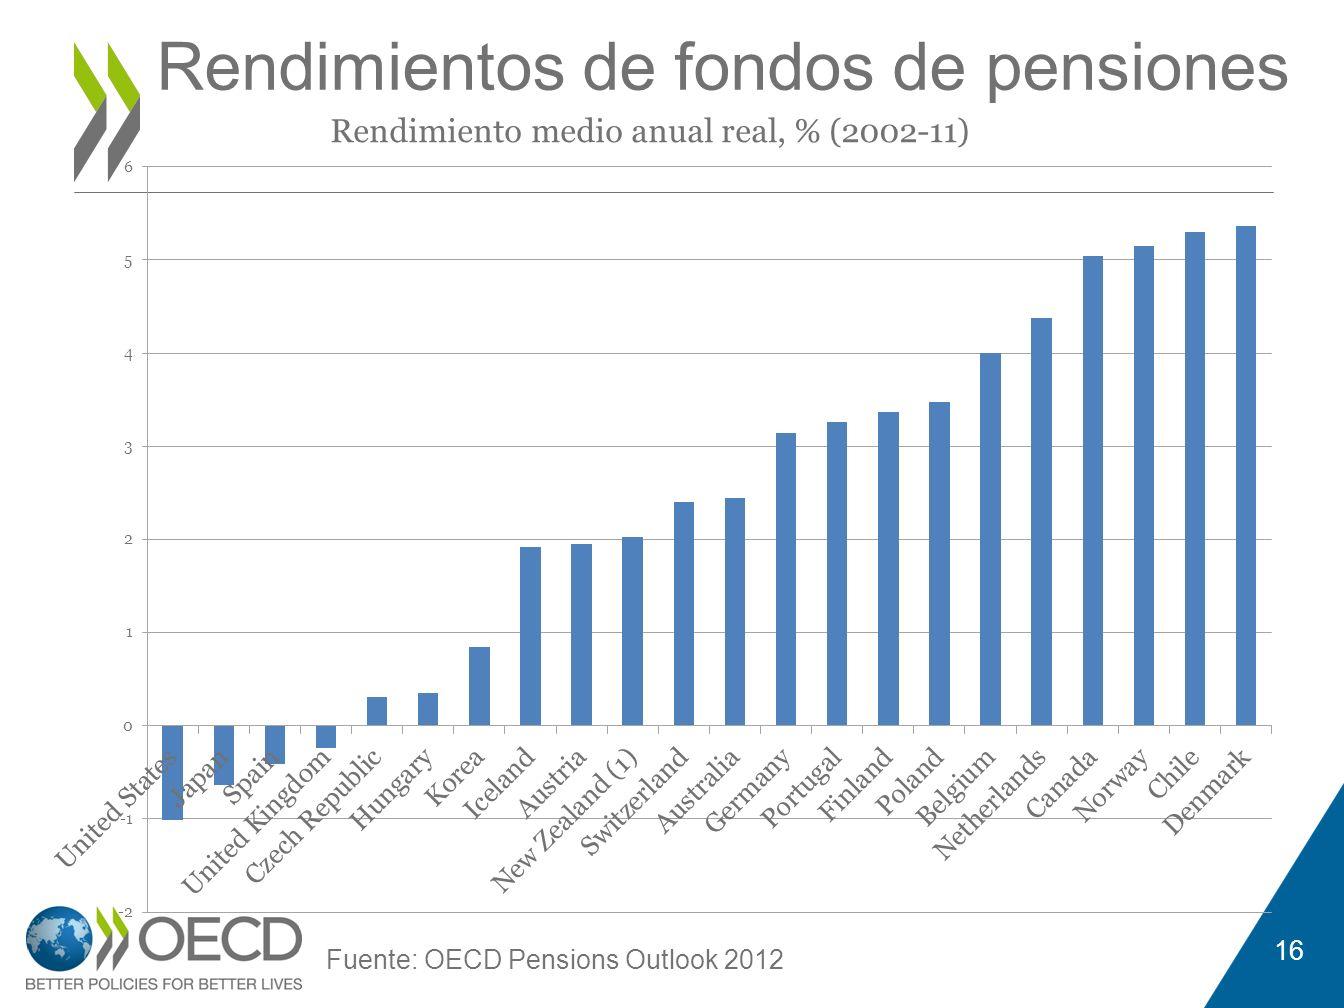 Rendimientos de fondos de pensiones